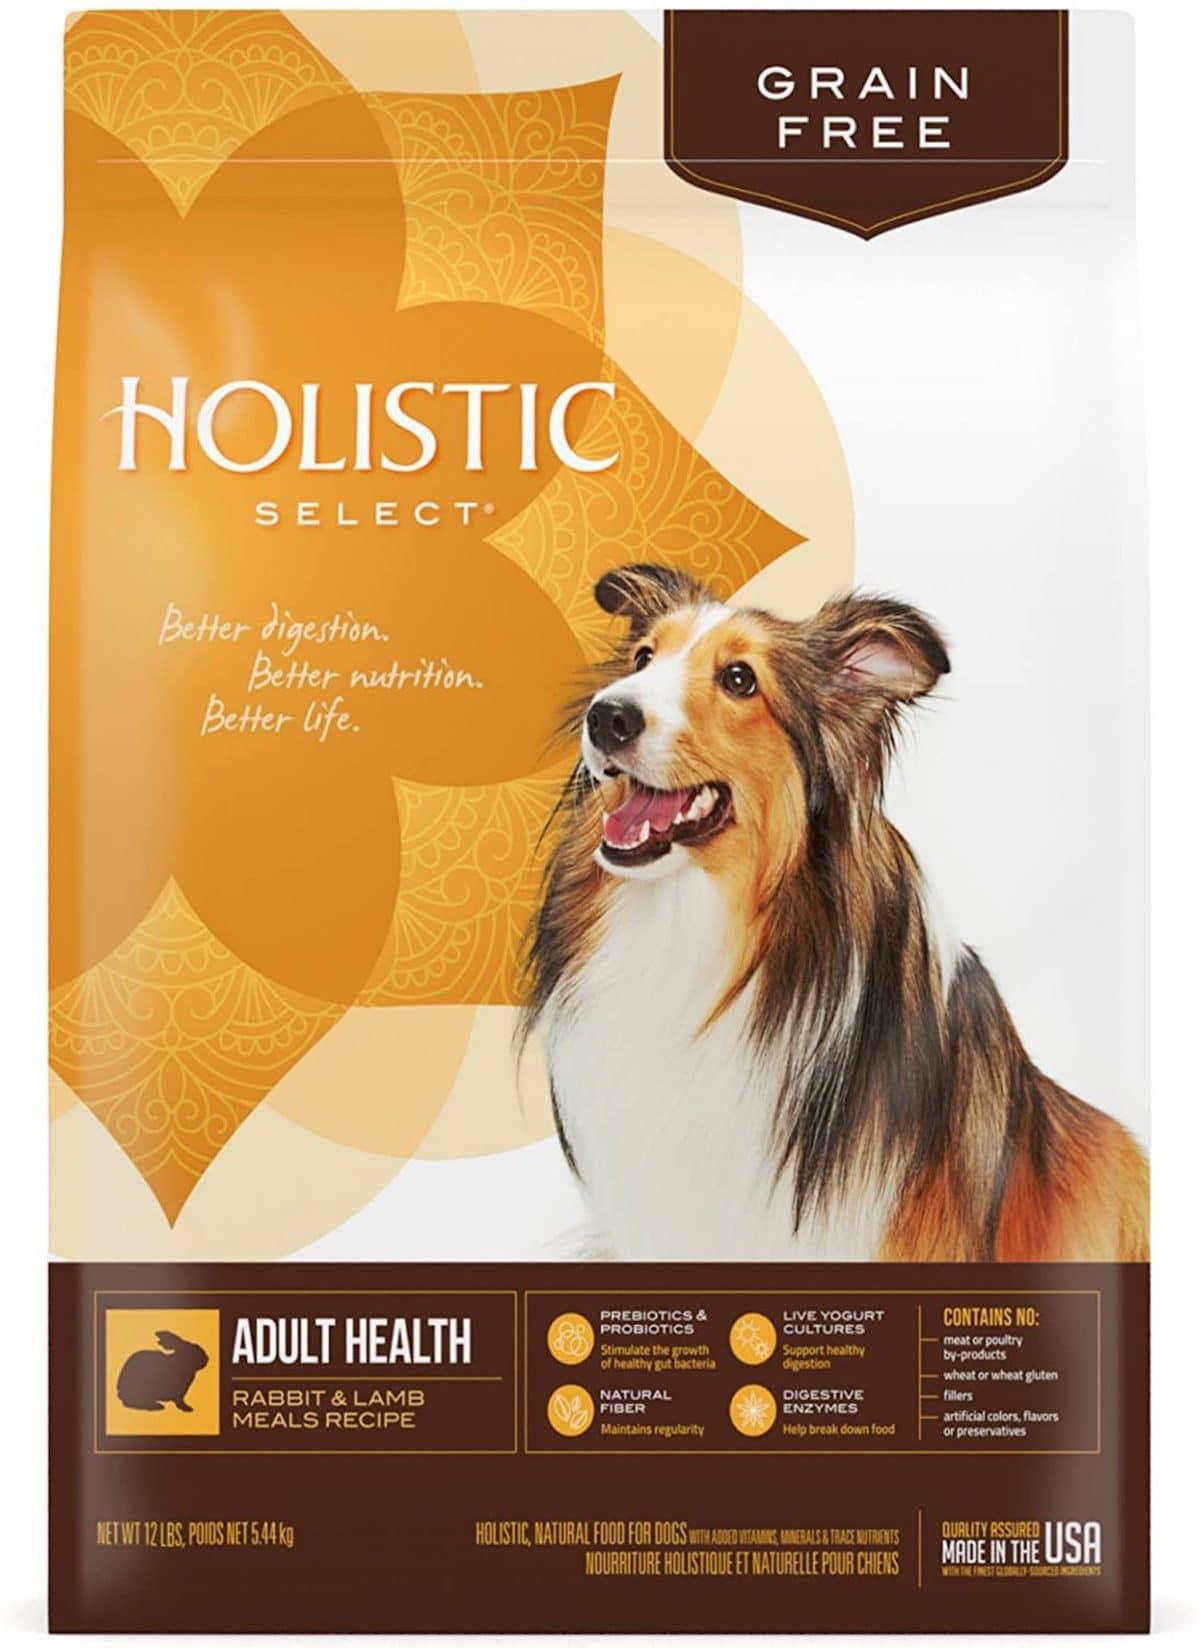 Holistic Select Natural Rabbit & Lamb Meals Recipe